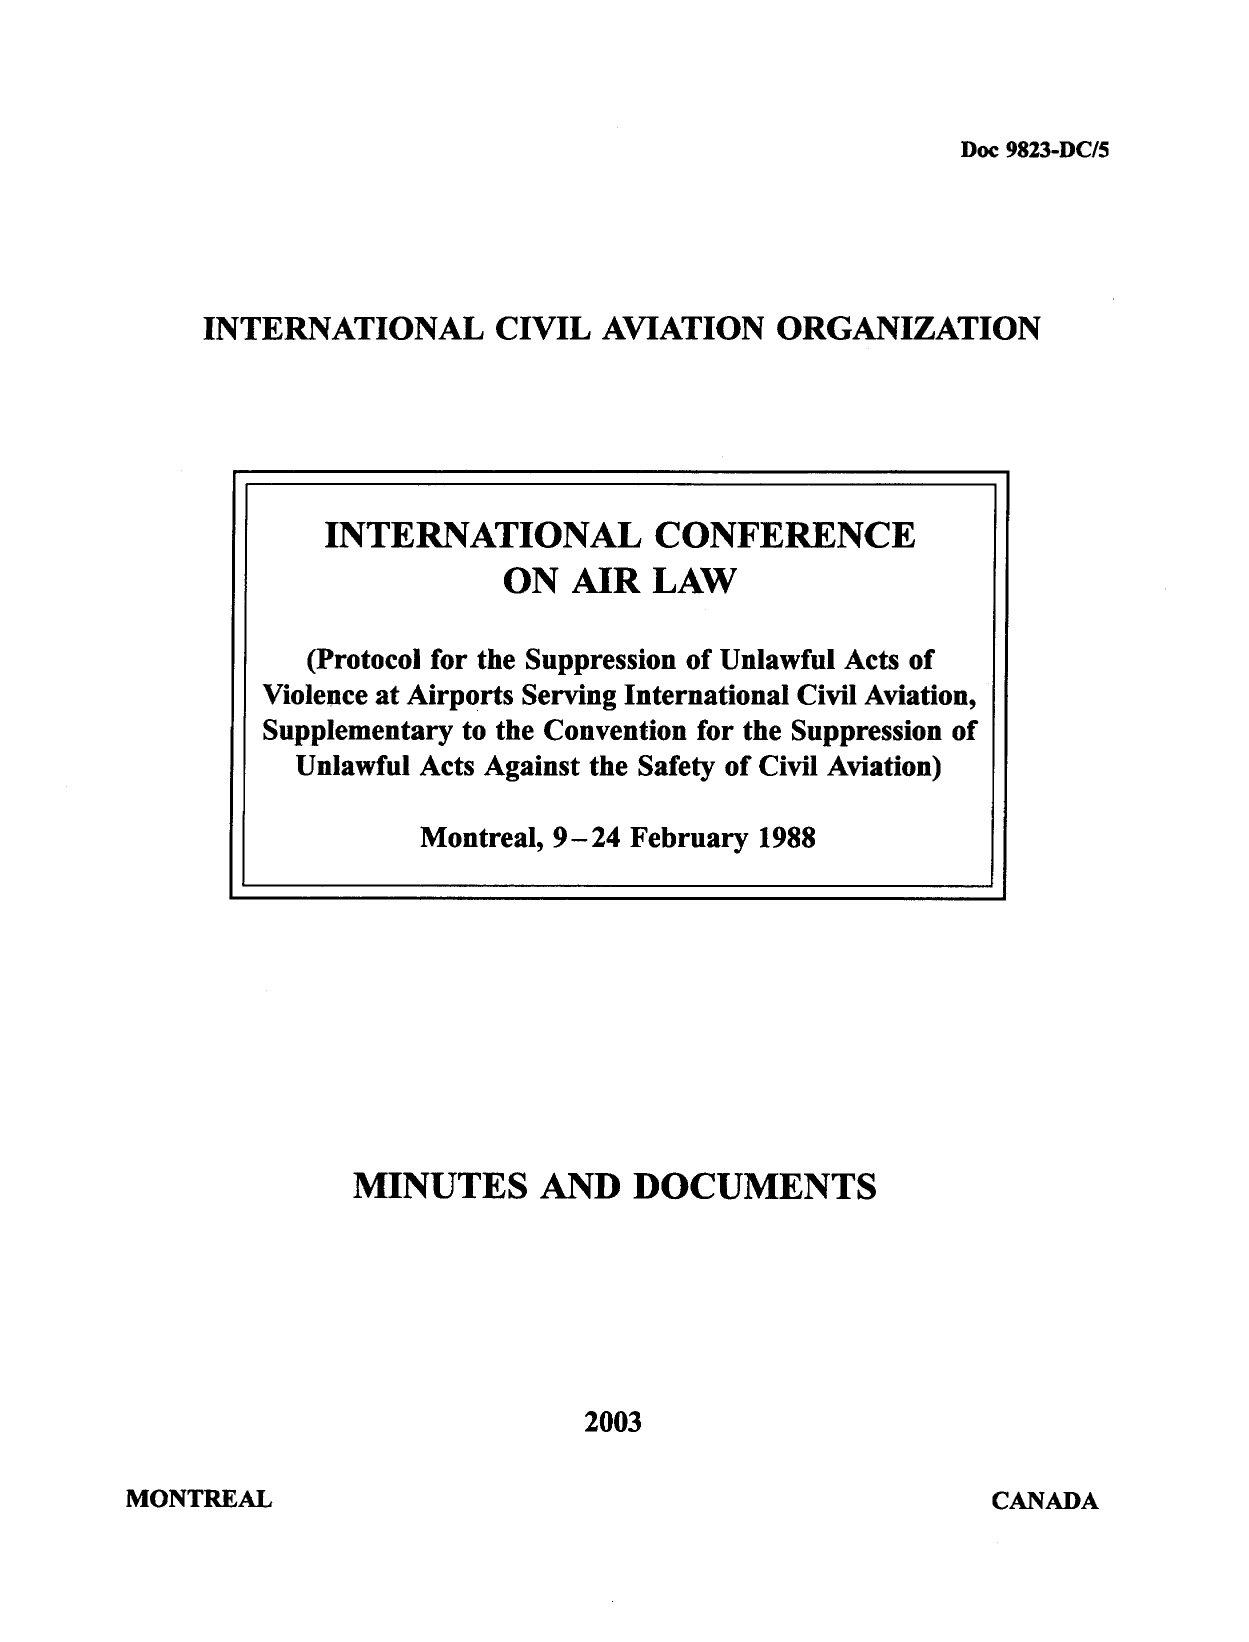 ICAO Doc 9823 Международная конференция по воздушному праву. (Протокол о борьбе с незаконными актами насилия в аэропортах, обслуживающих международную гражданскую авиацию, дополняющий Конвенцию о борьбе с незаконными актами, направленными против безопасно